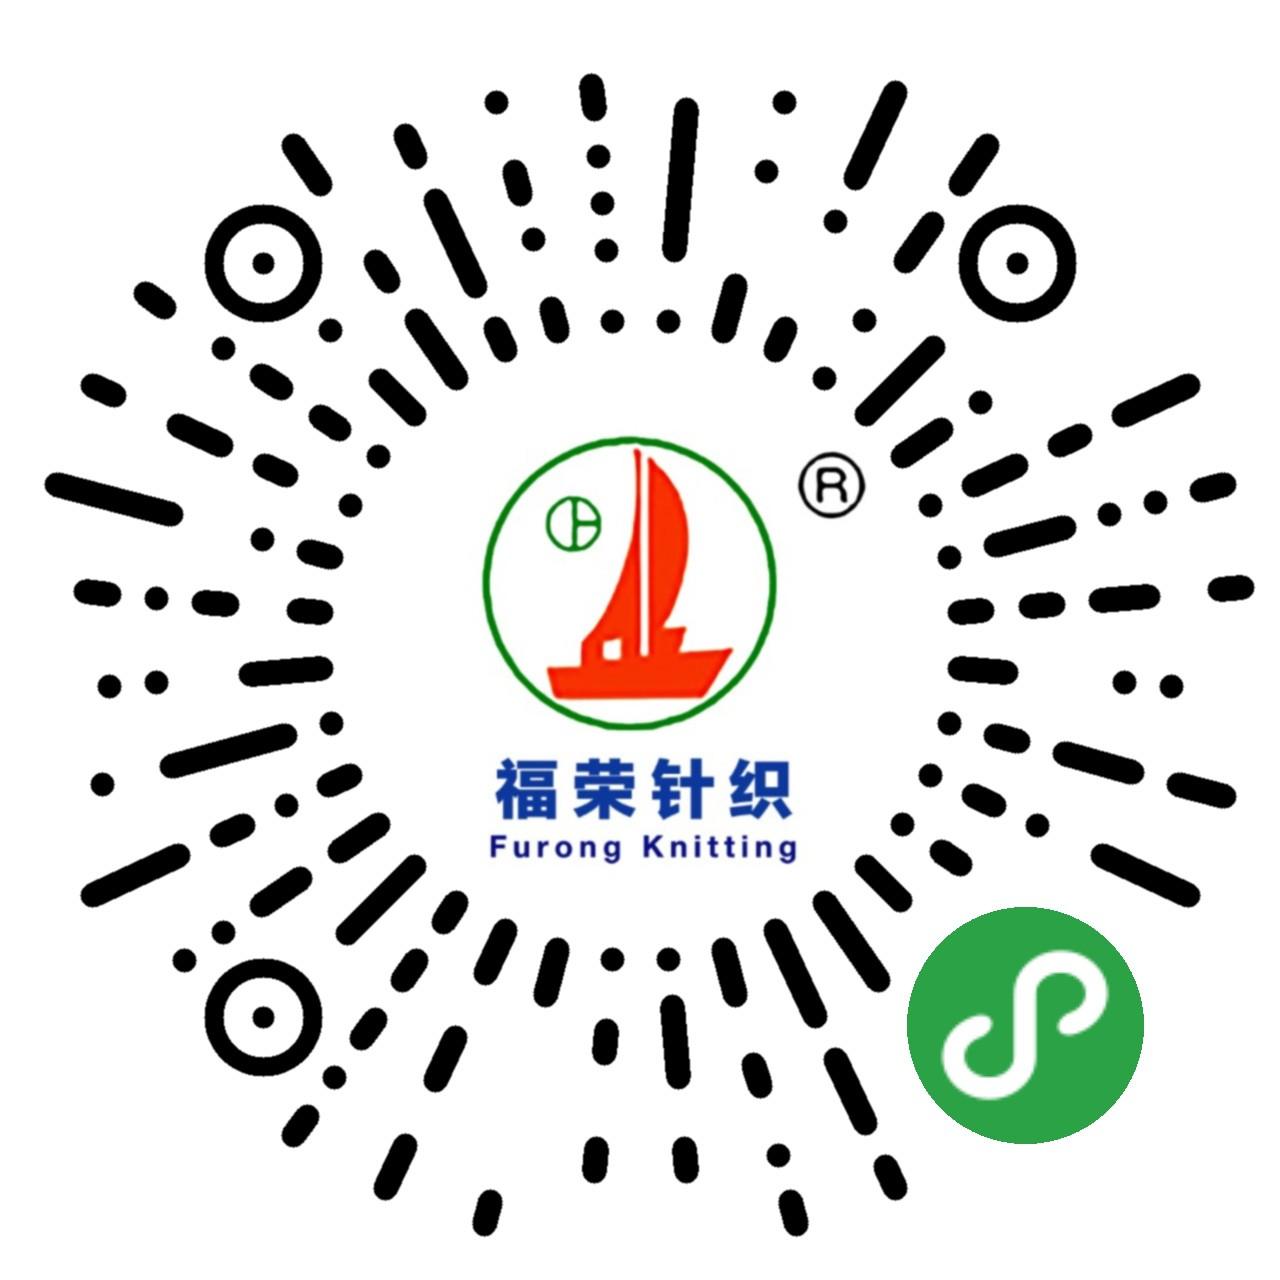 福建省长乐市福荣针织有限公司